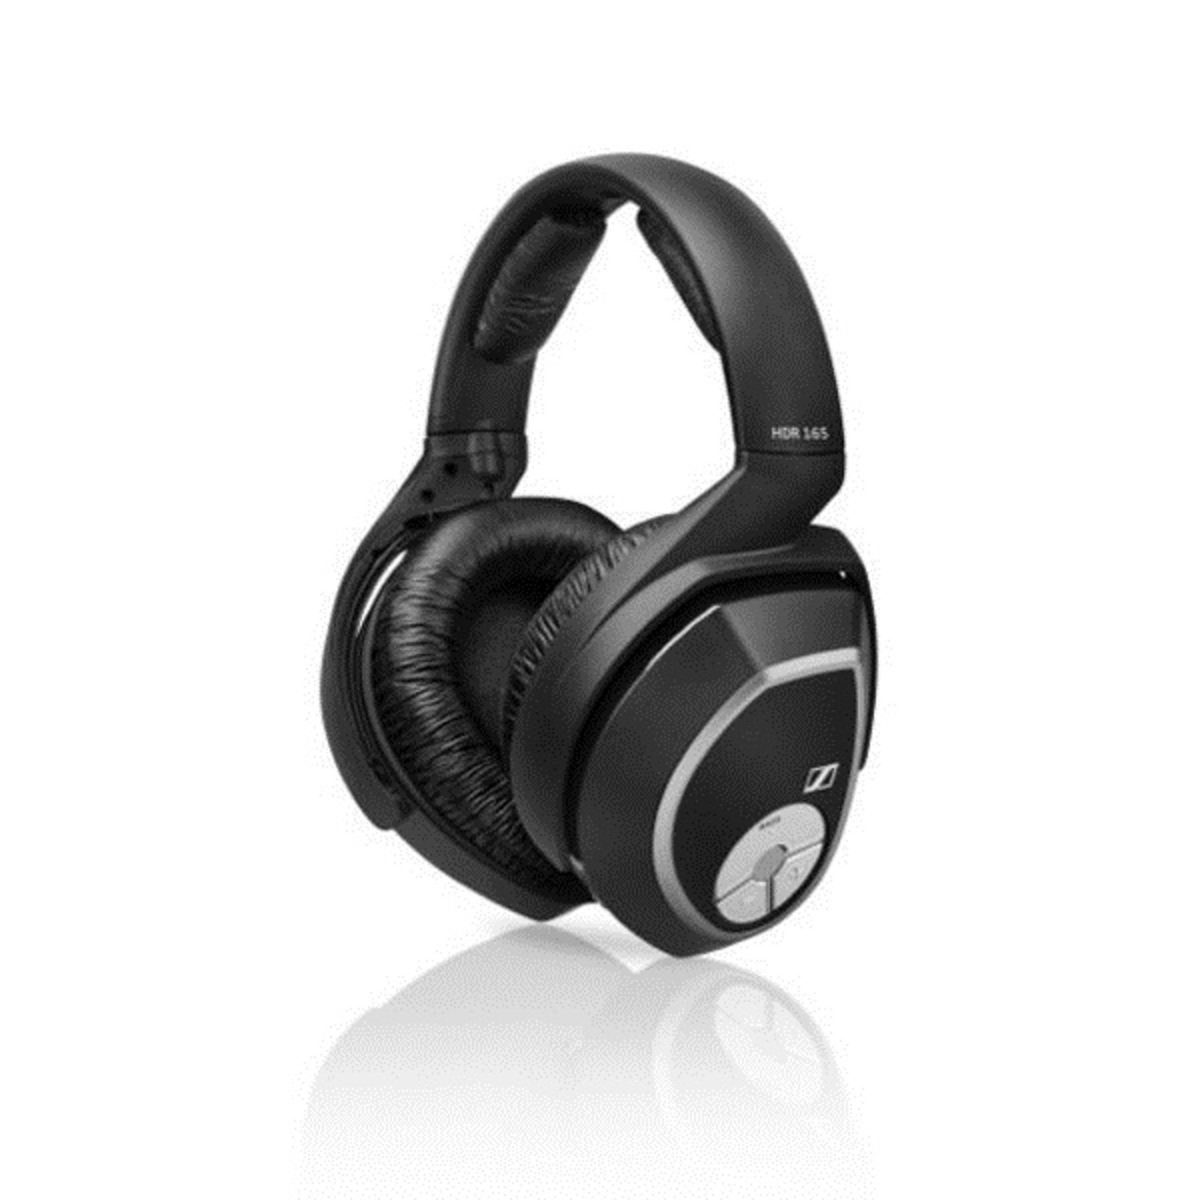 Sennheiser Zusatz Funkkopfhörer »HDR 165«